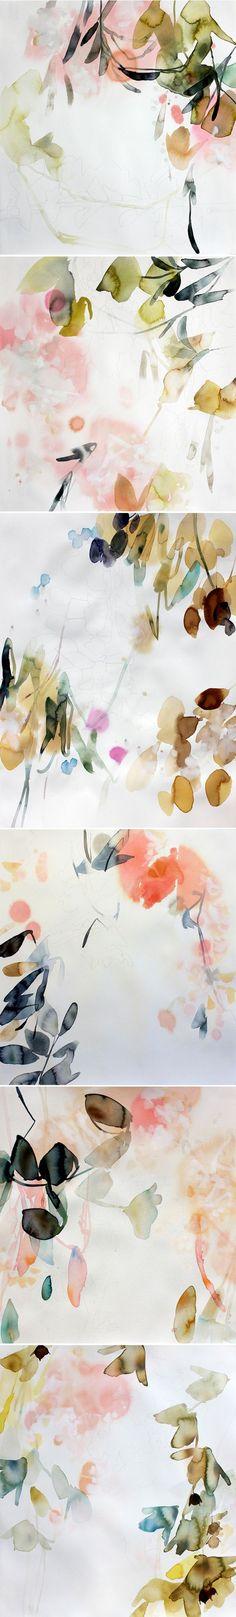 Beautiful work by Elise Morris